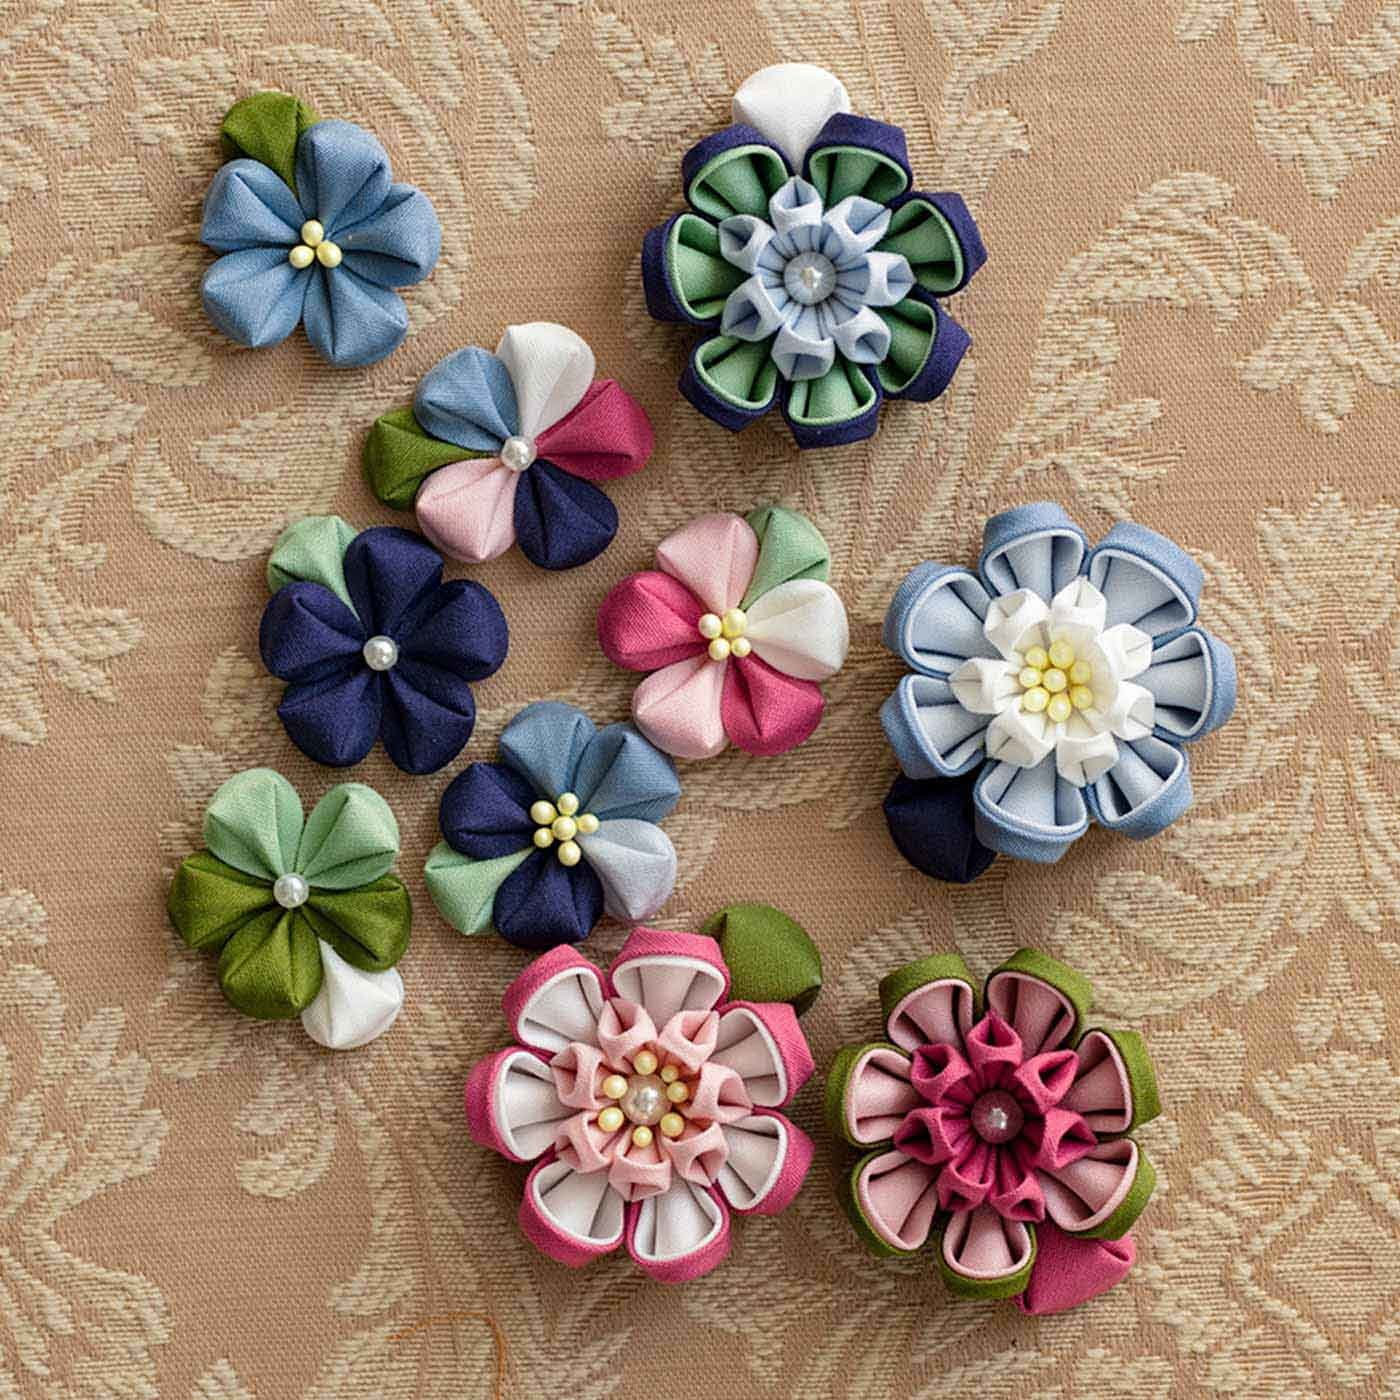 【クチュリエクラブ会員限定】色の重なりが花咲く つまみ細工用カット済みコットン布の会